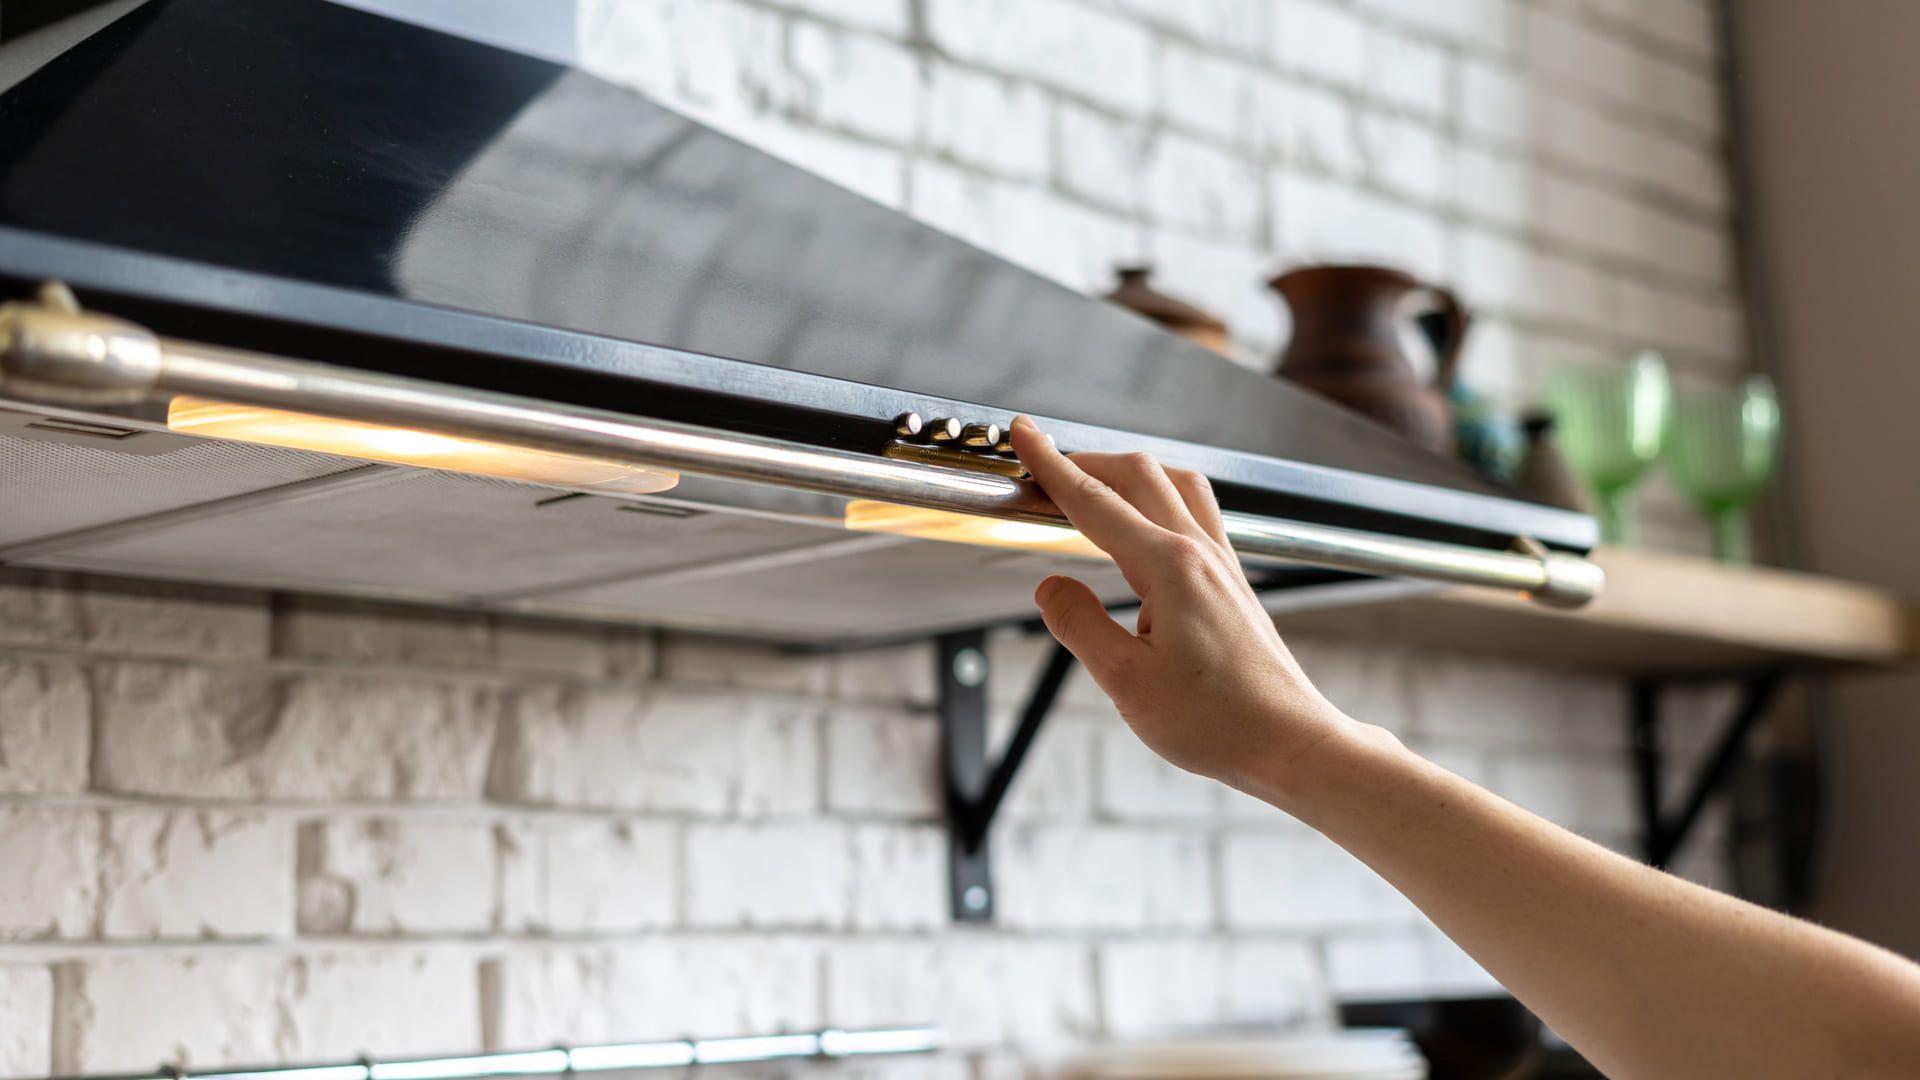 Agora que já sabe instalar a coifa de parede, descubra como escolher o modelo ideal para sua cozinha. (Imagem: Reprodução/Shutterstock)